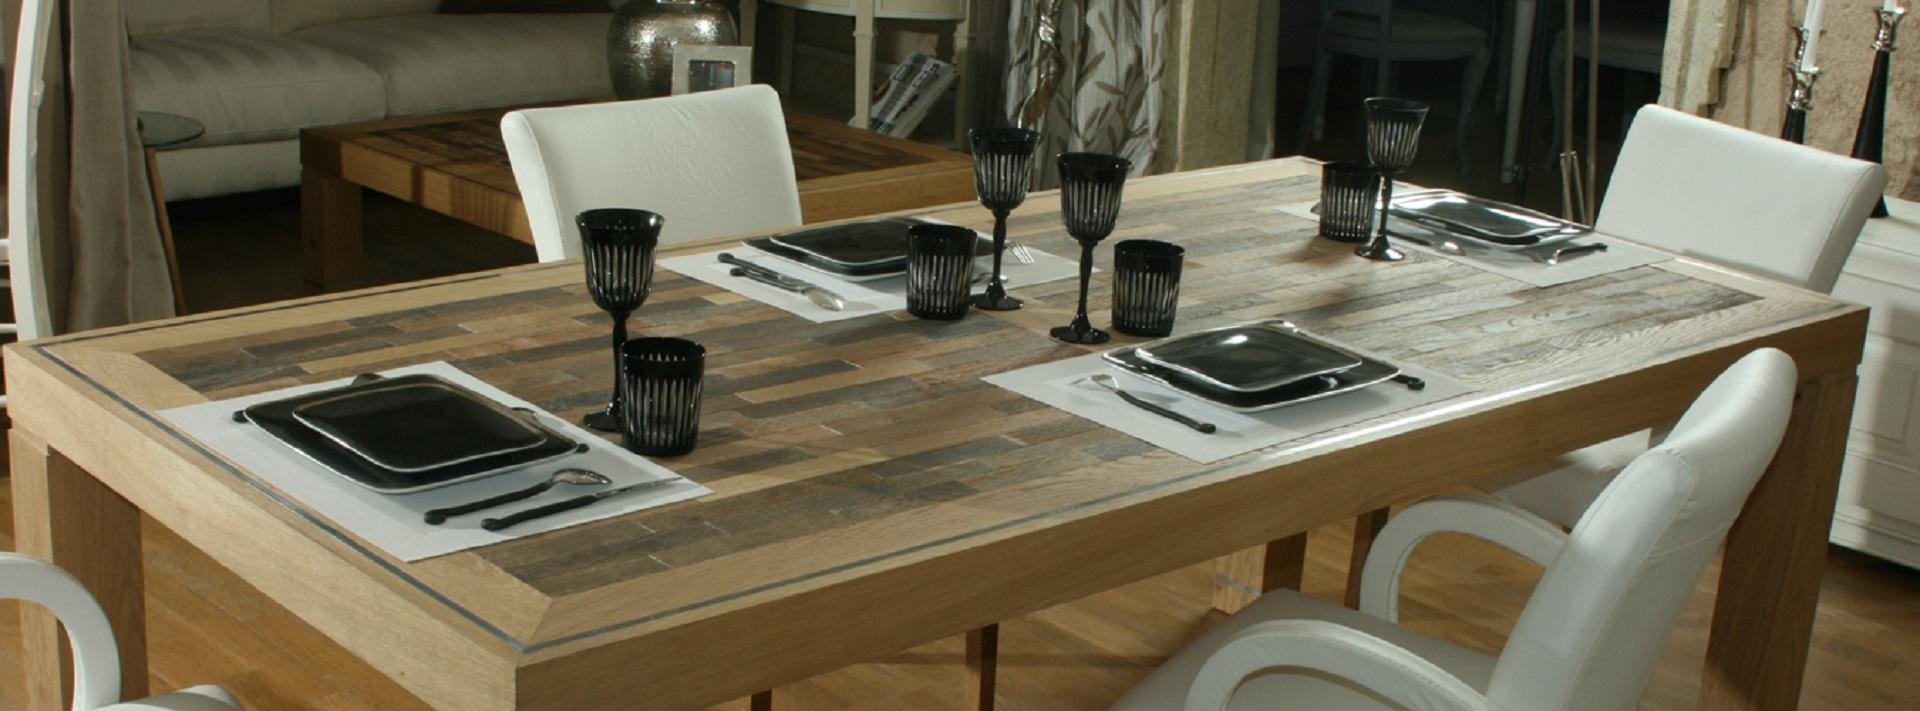 Tables de salle à manger et de cuisine - L\'Atelier du Moulin ...